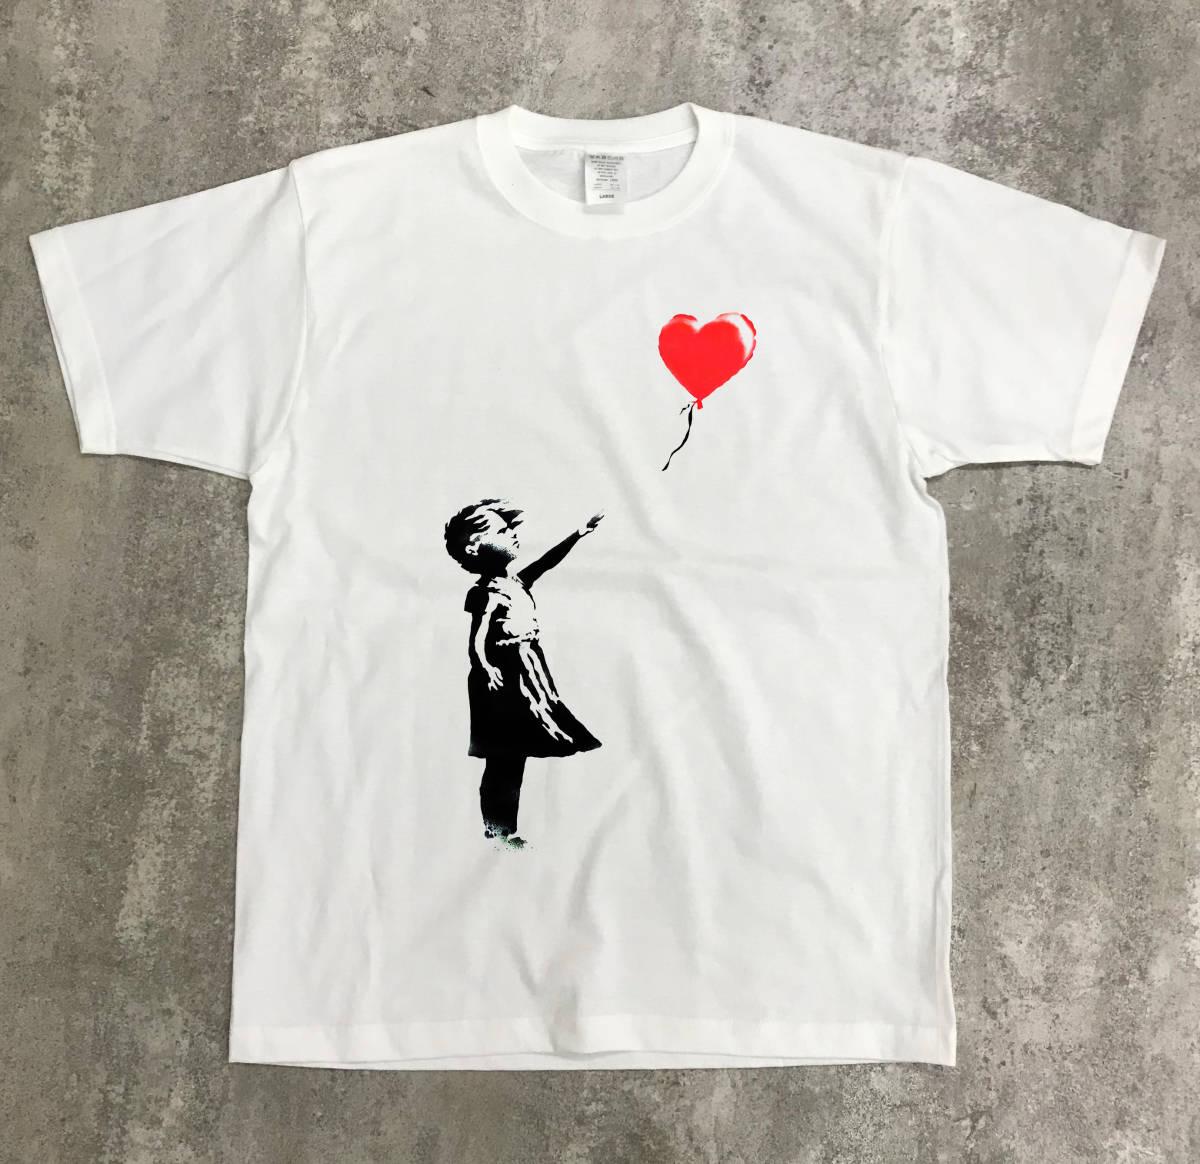 新品 送料込み バンクシー Banksy Tシャツ 赤い風船に手を伸ばす少女